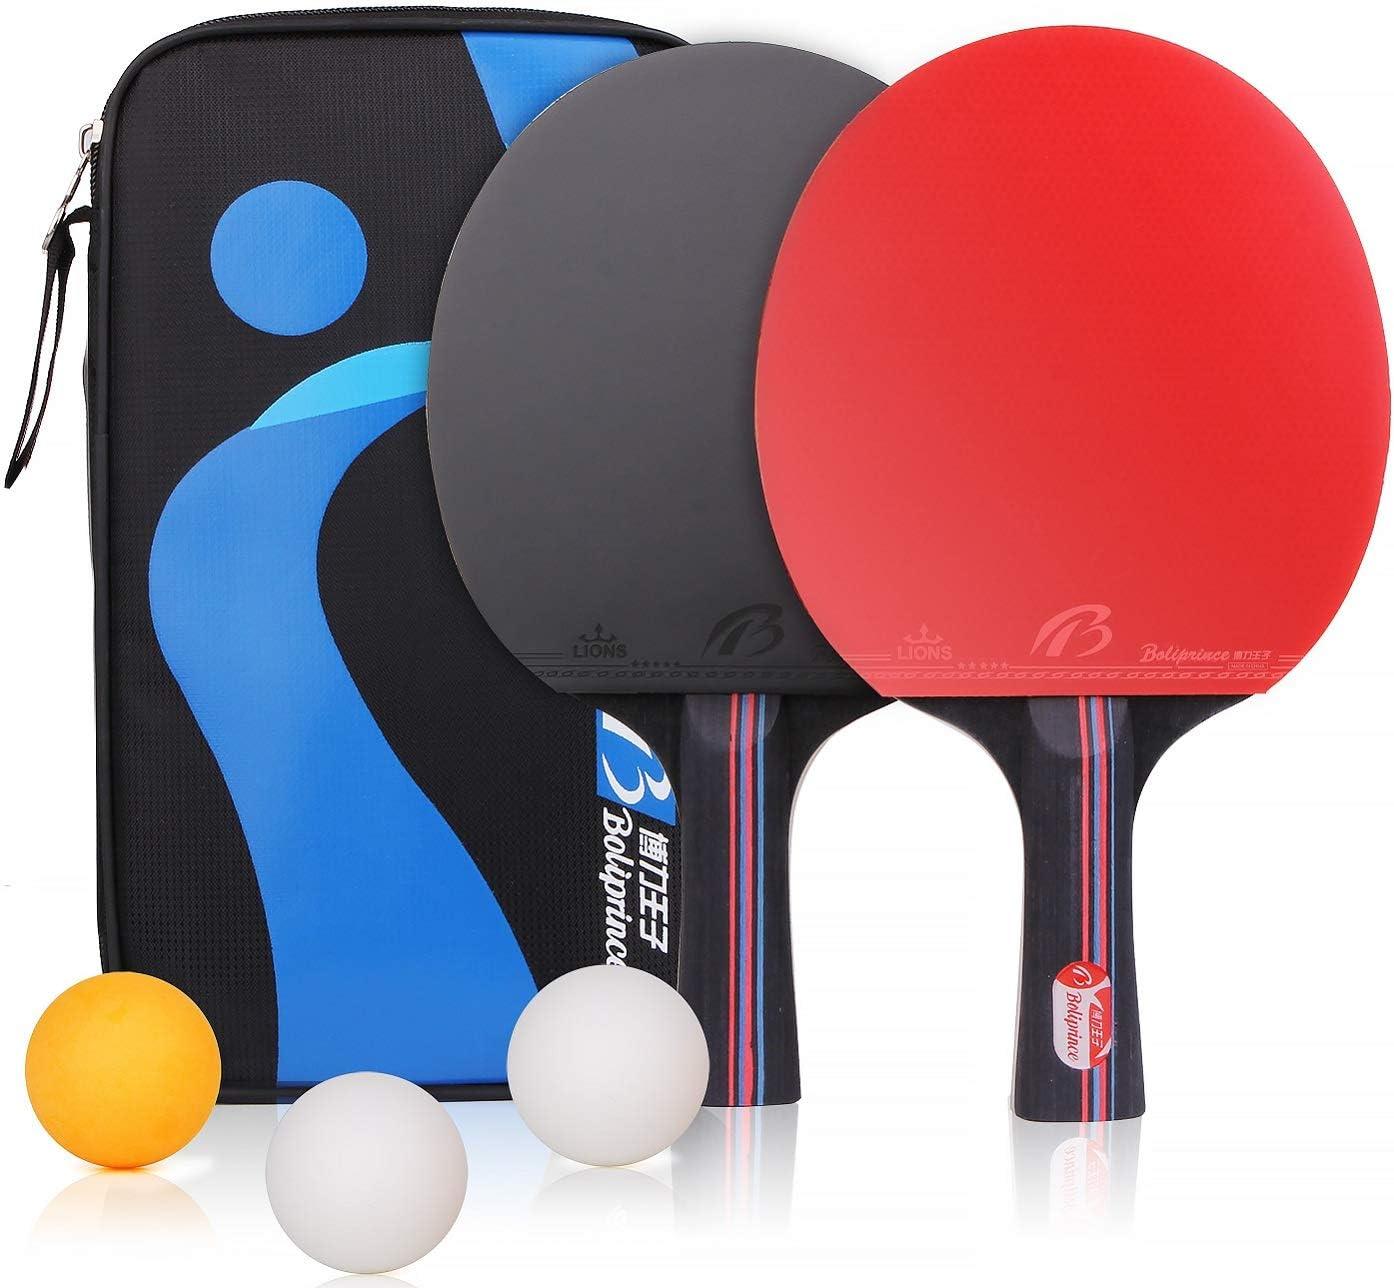 BESTOO - Raqueta de Ping-Pong con Funda para 2 Jugadores, 2 Bates y 3 Pelotas (agarres para Manos de puños)